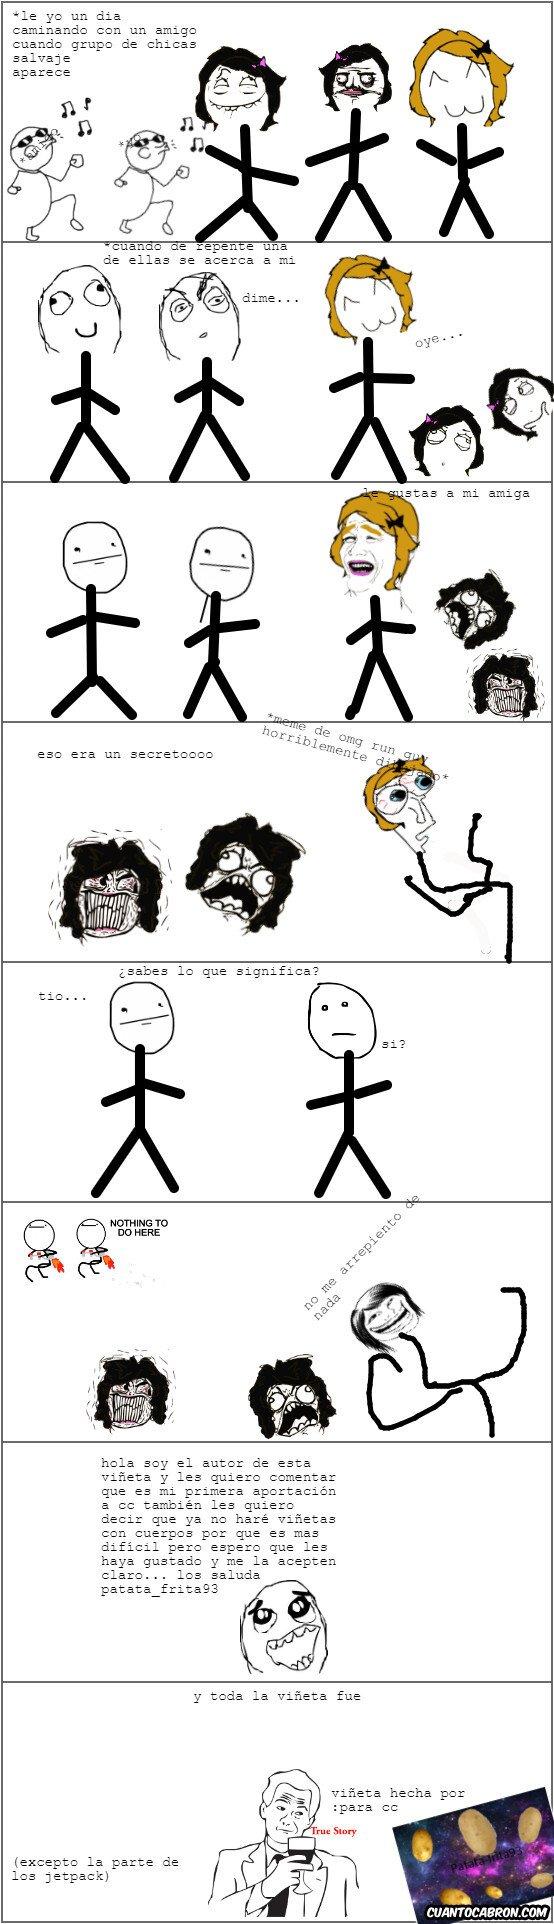 True_story - Un día normal en el colegio pasó esto...